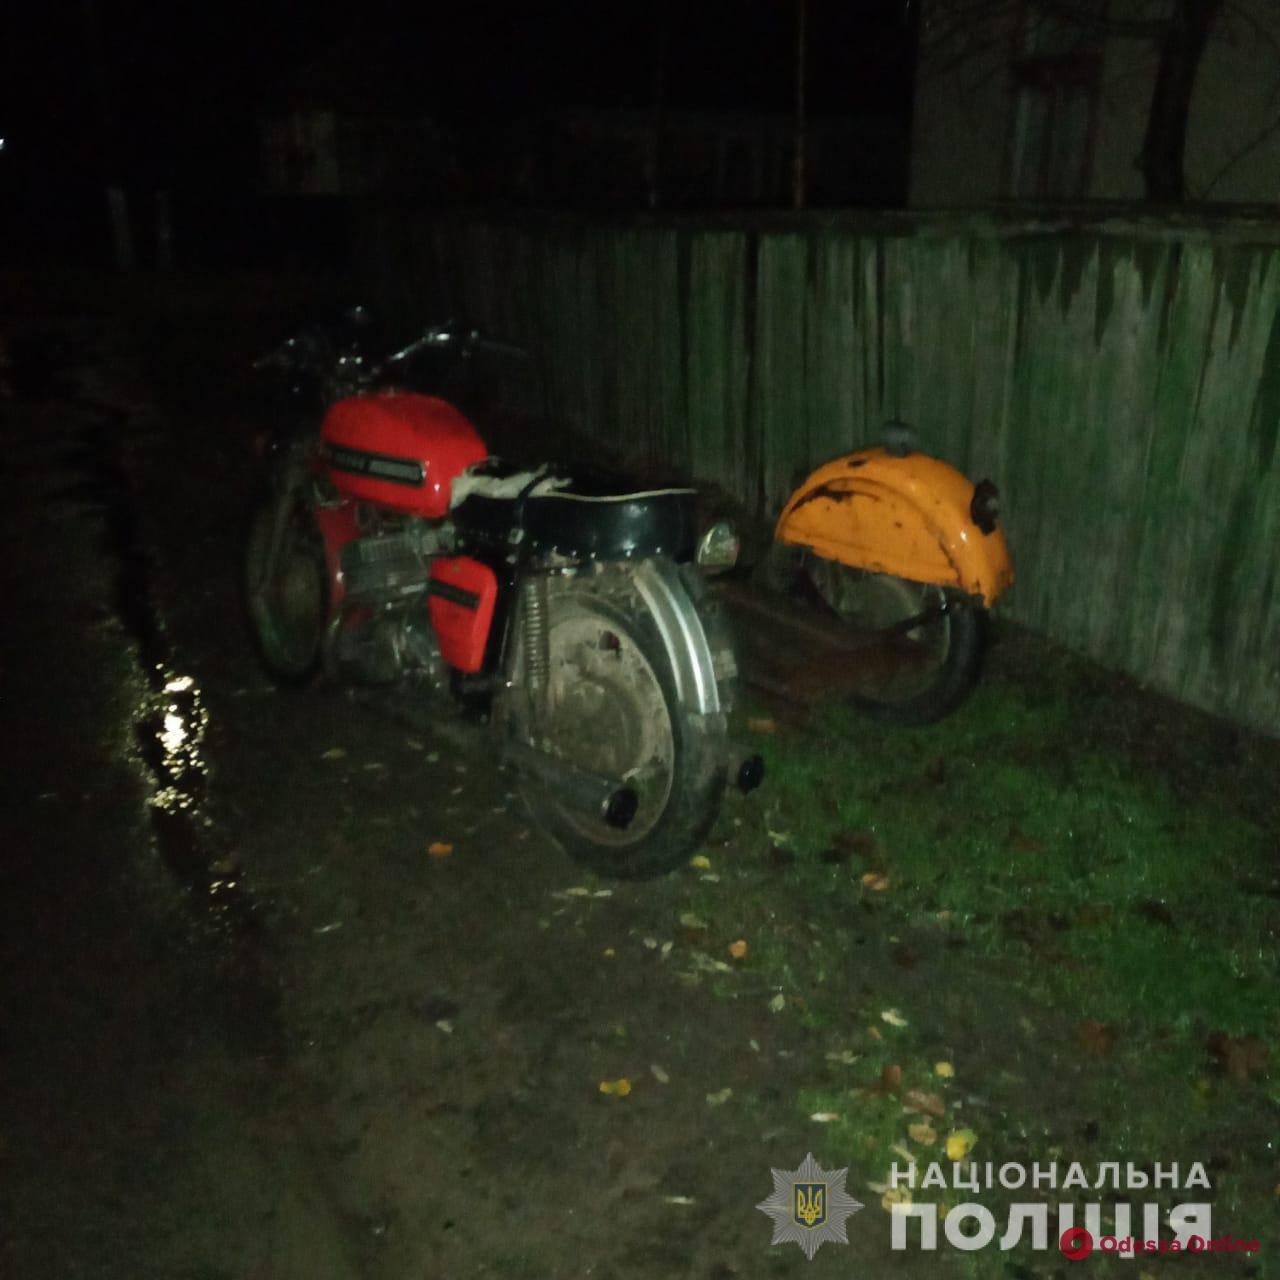 В Одесской области мотоцикл врезался в забор — водитель погиб